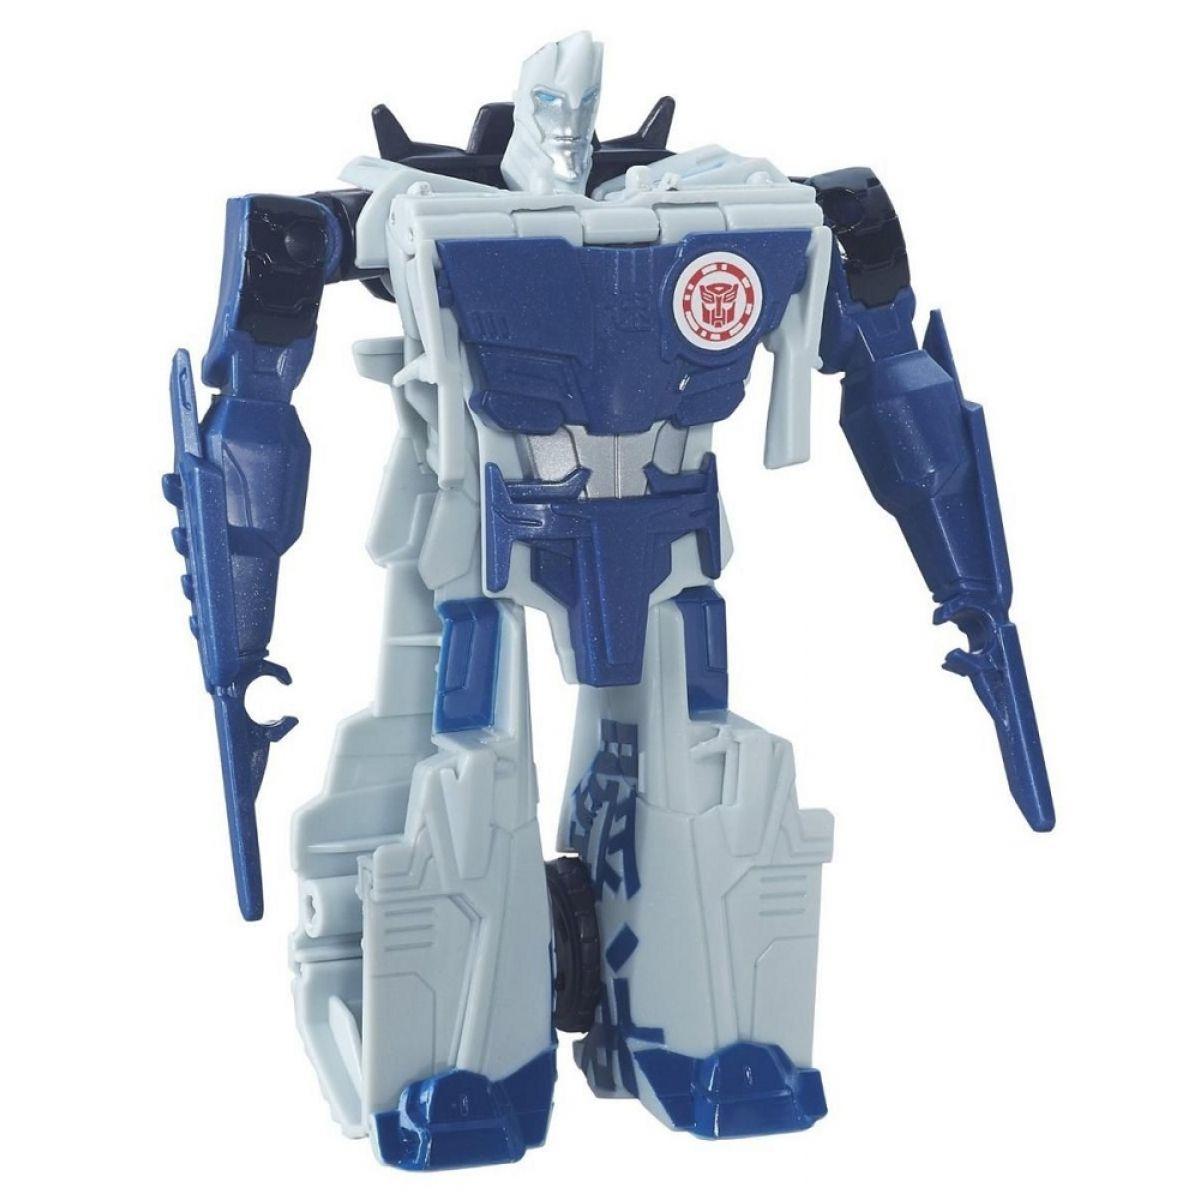 Transformers RID Transformace v 1 kroku Sideswipe 1 - Poškozený obal